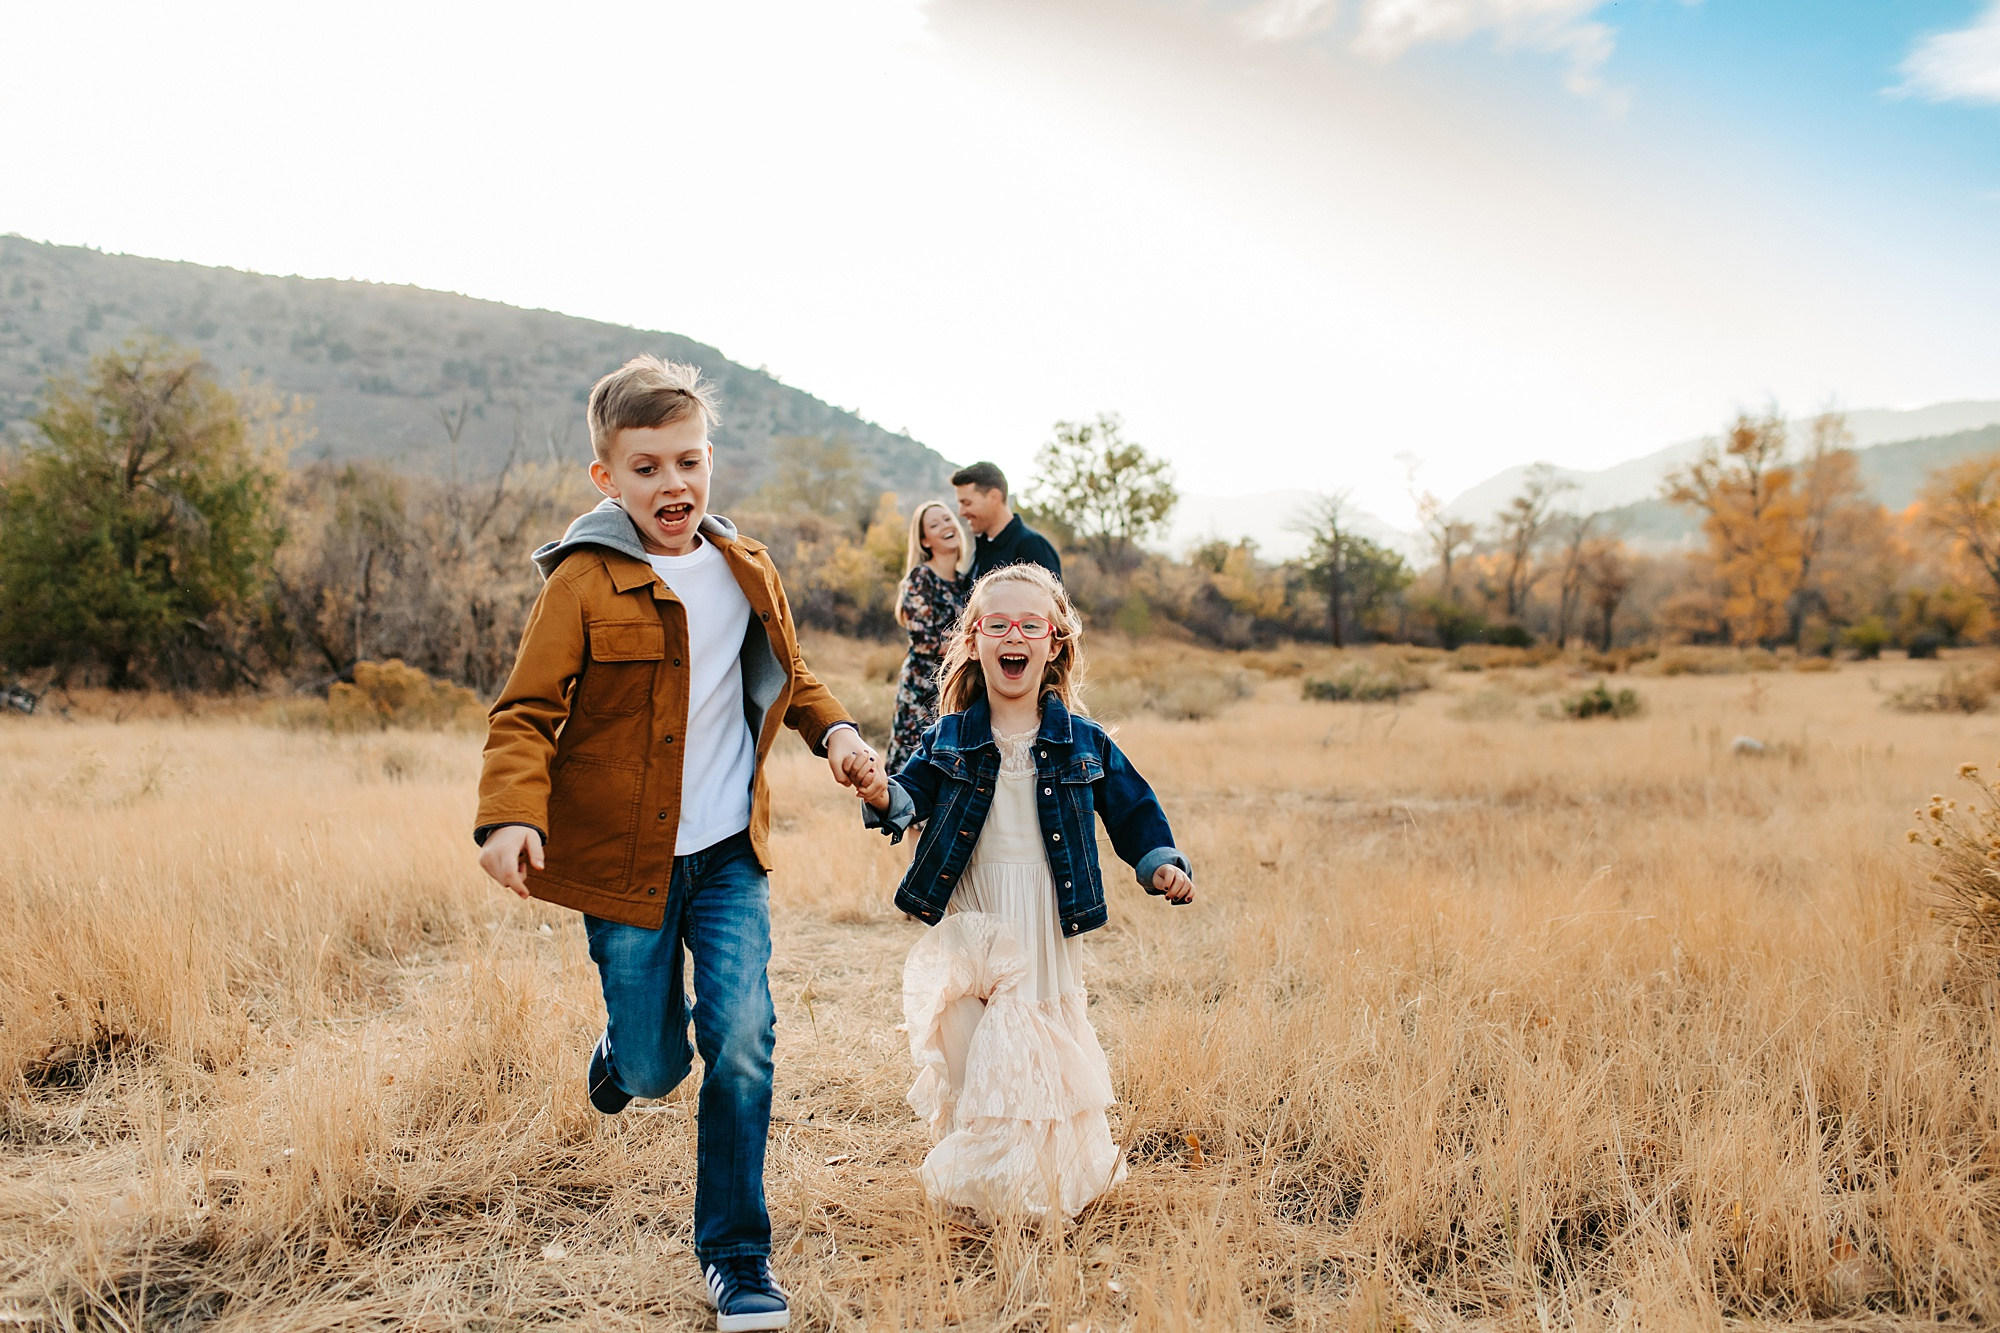 family photos denver | www.julielivermorephotography.com